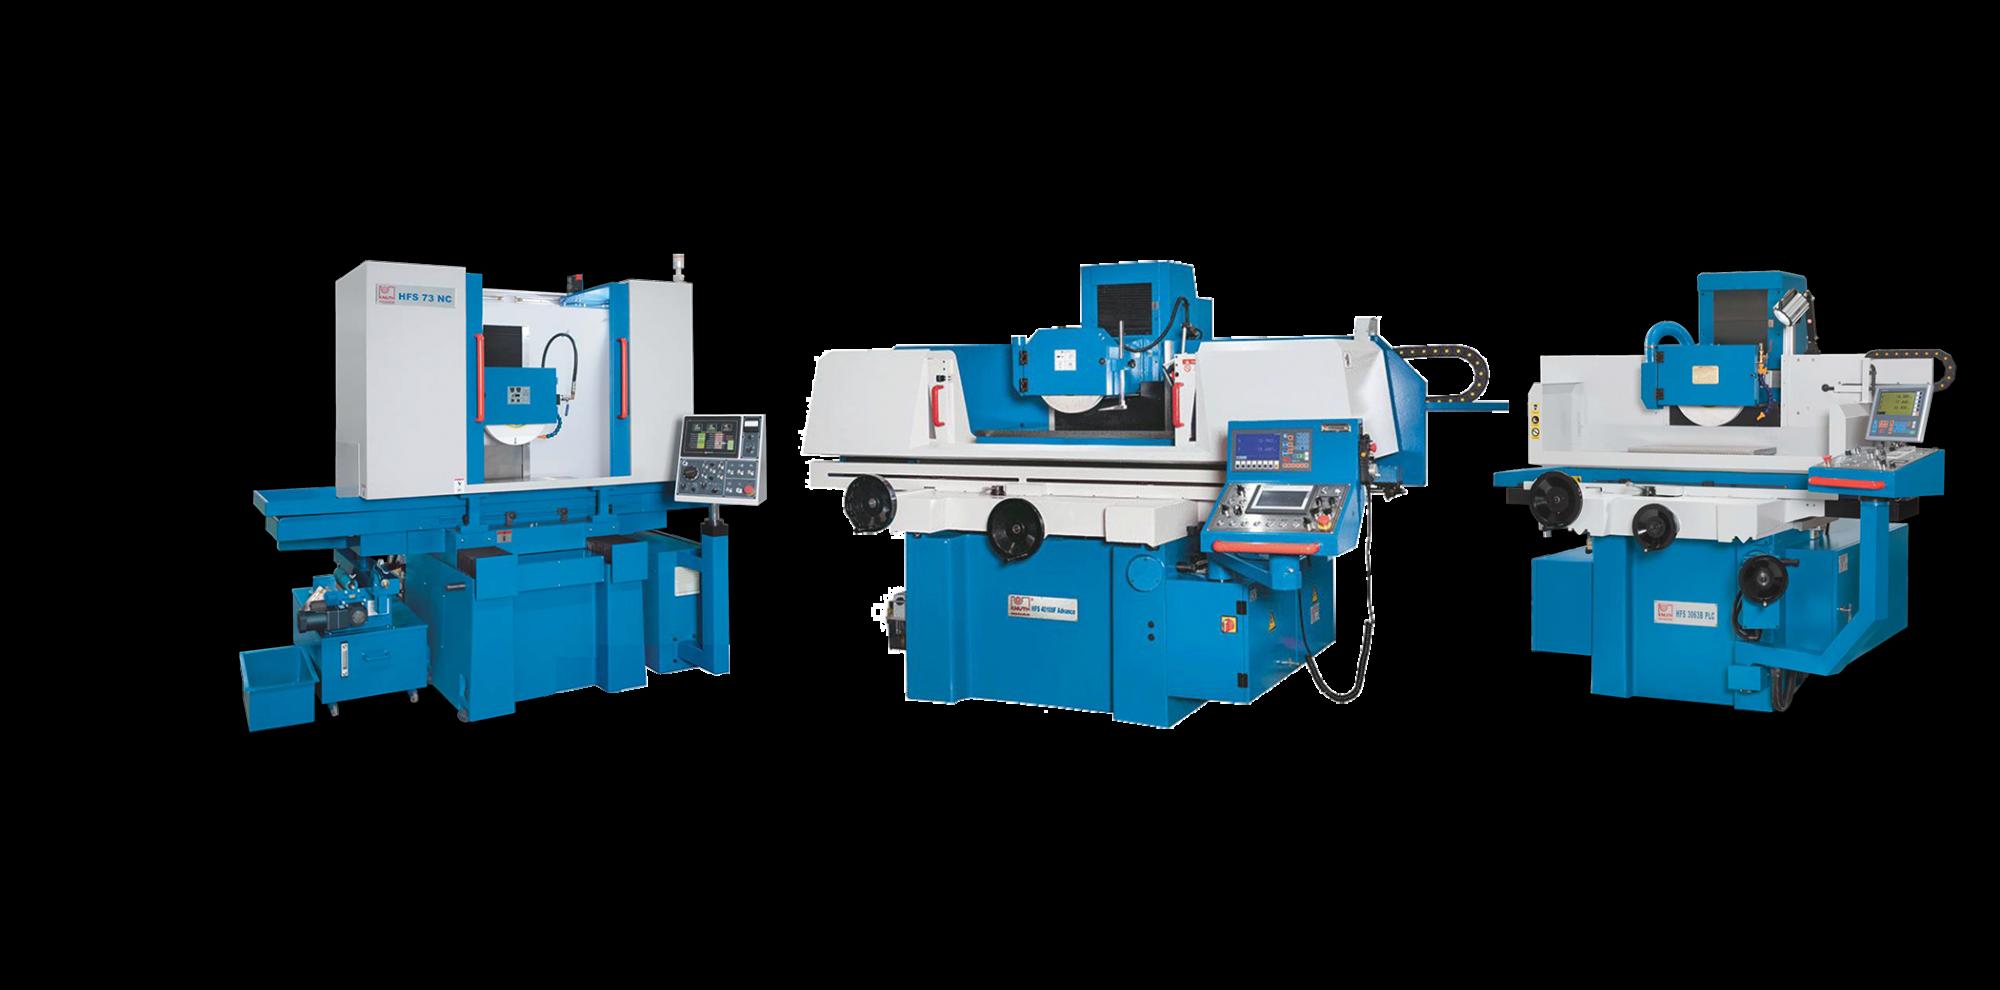 מכונות השחזה משחזות שטחים אוטומטית חצי אוטומטיות NC CNC ידניות חצי ידניות